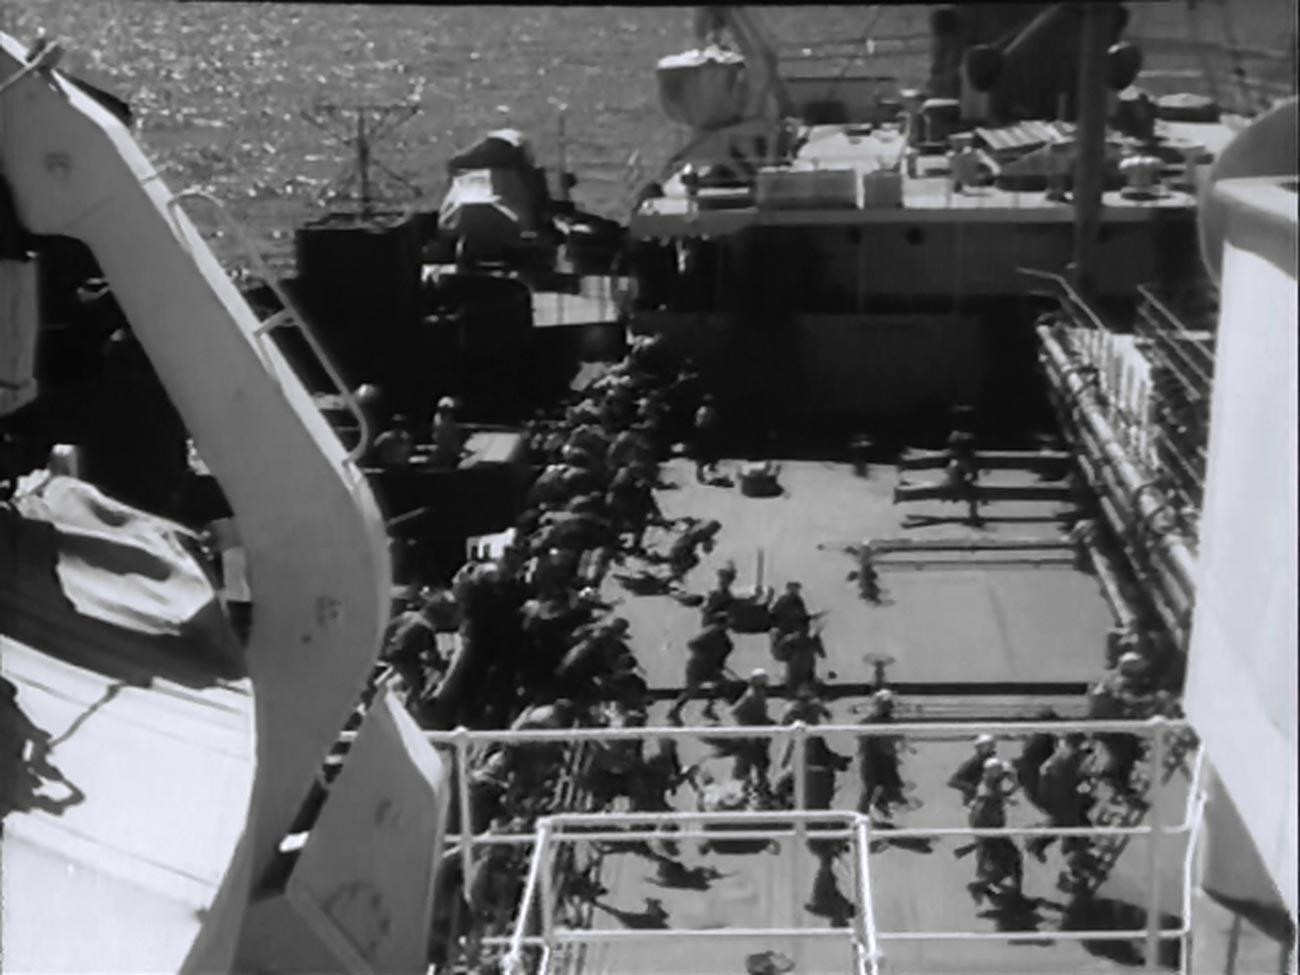 タンカー「トゥアプセ」の拿捕、映画「緊急事態」からのシーン